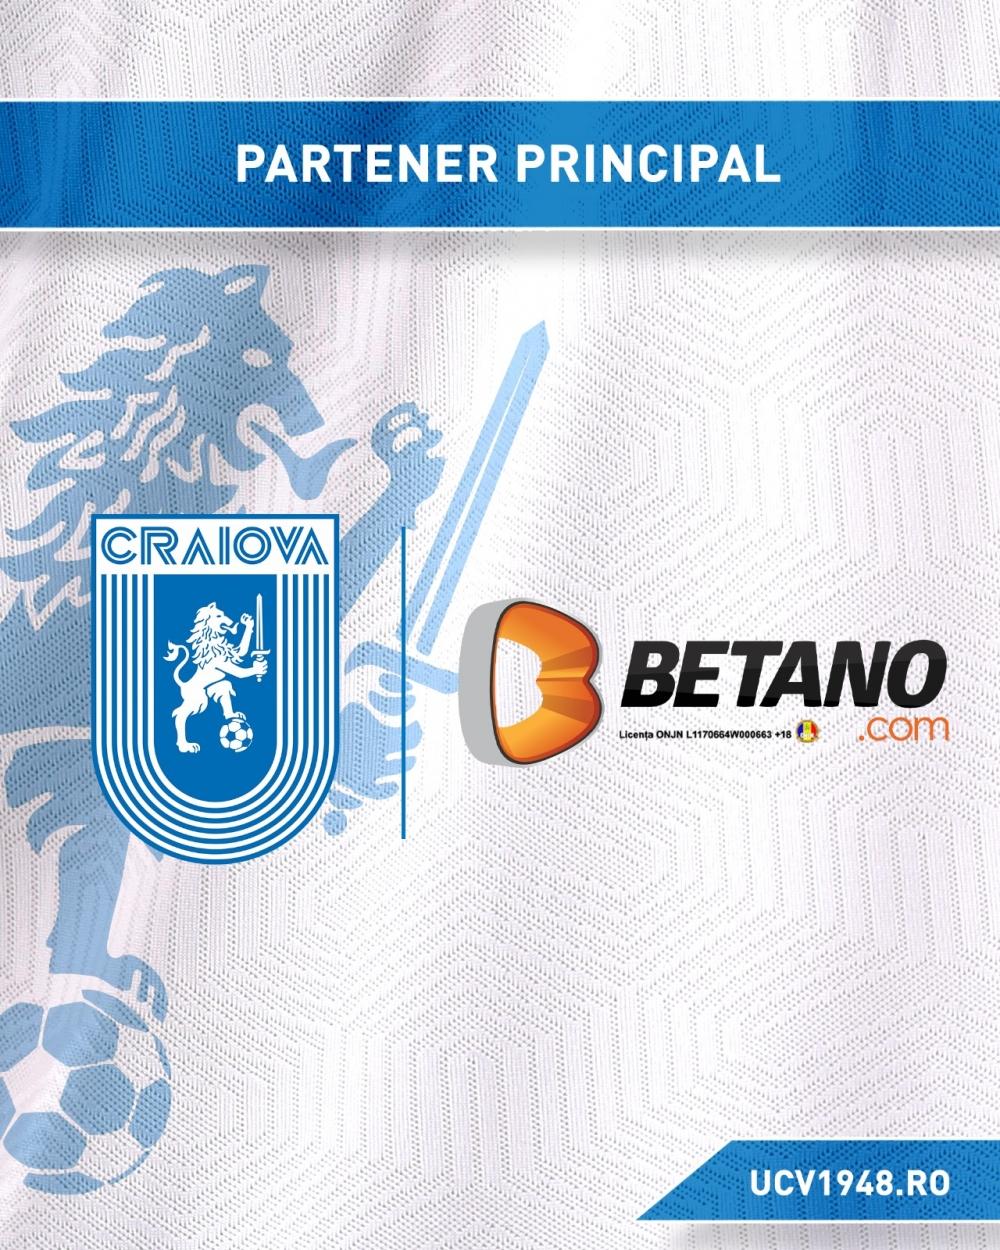 Craiova și Betano continuă împreună